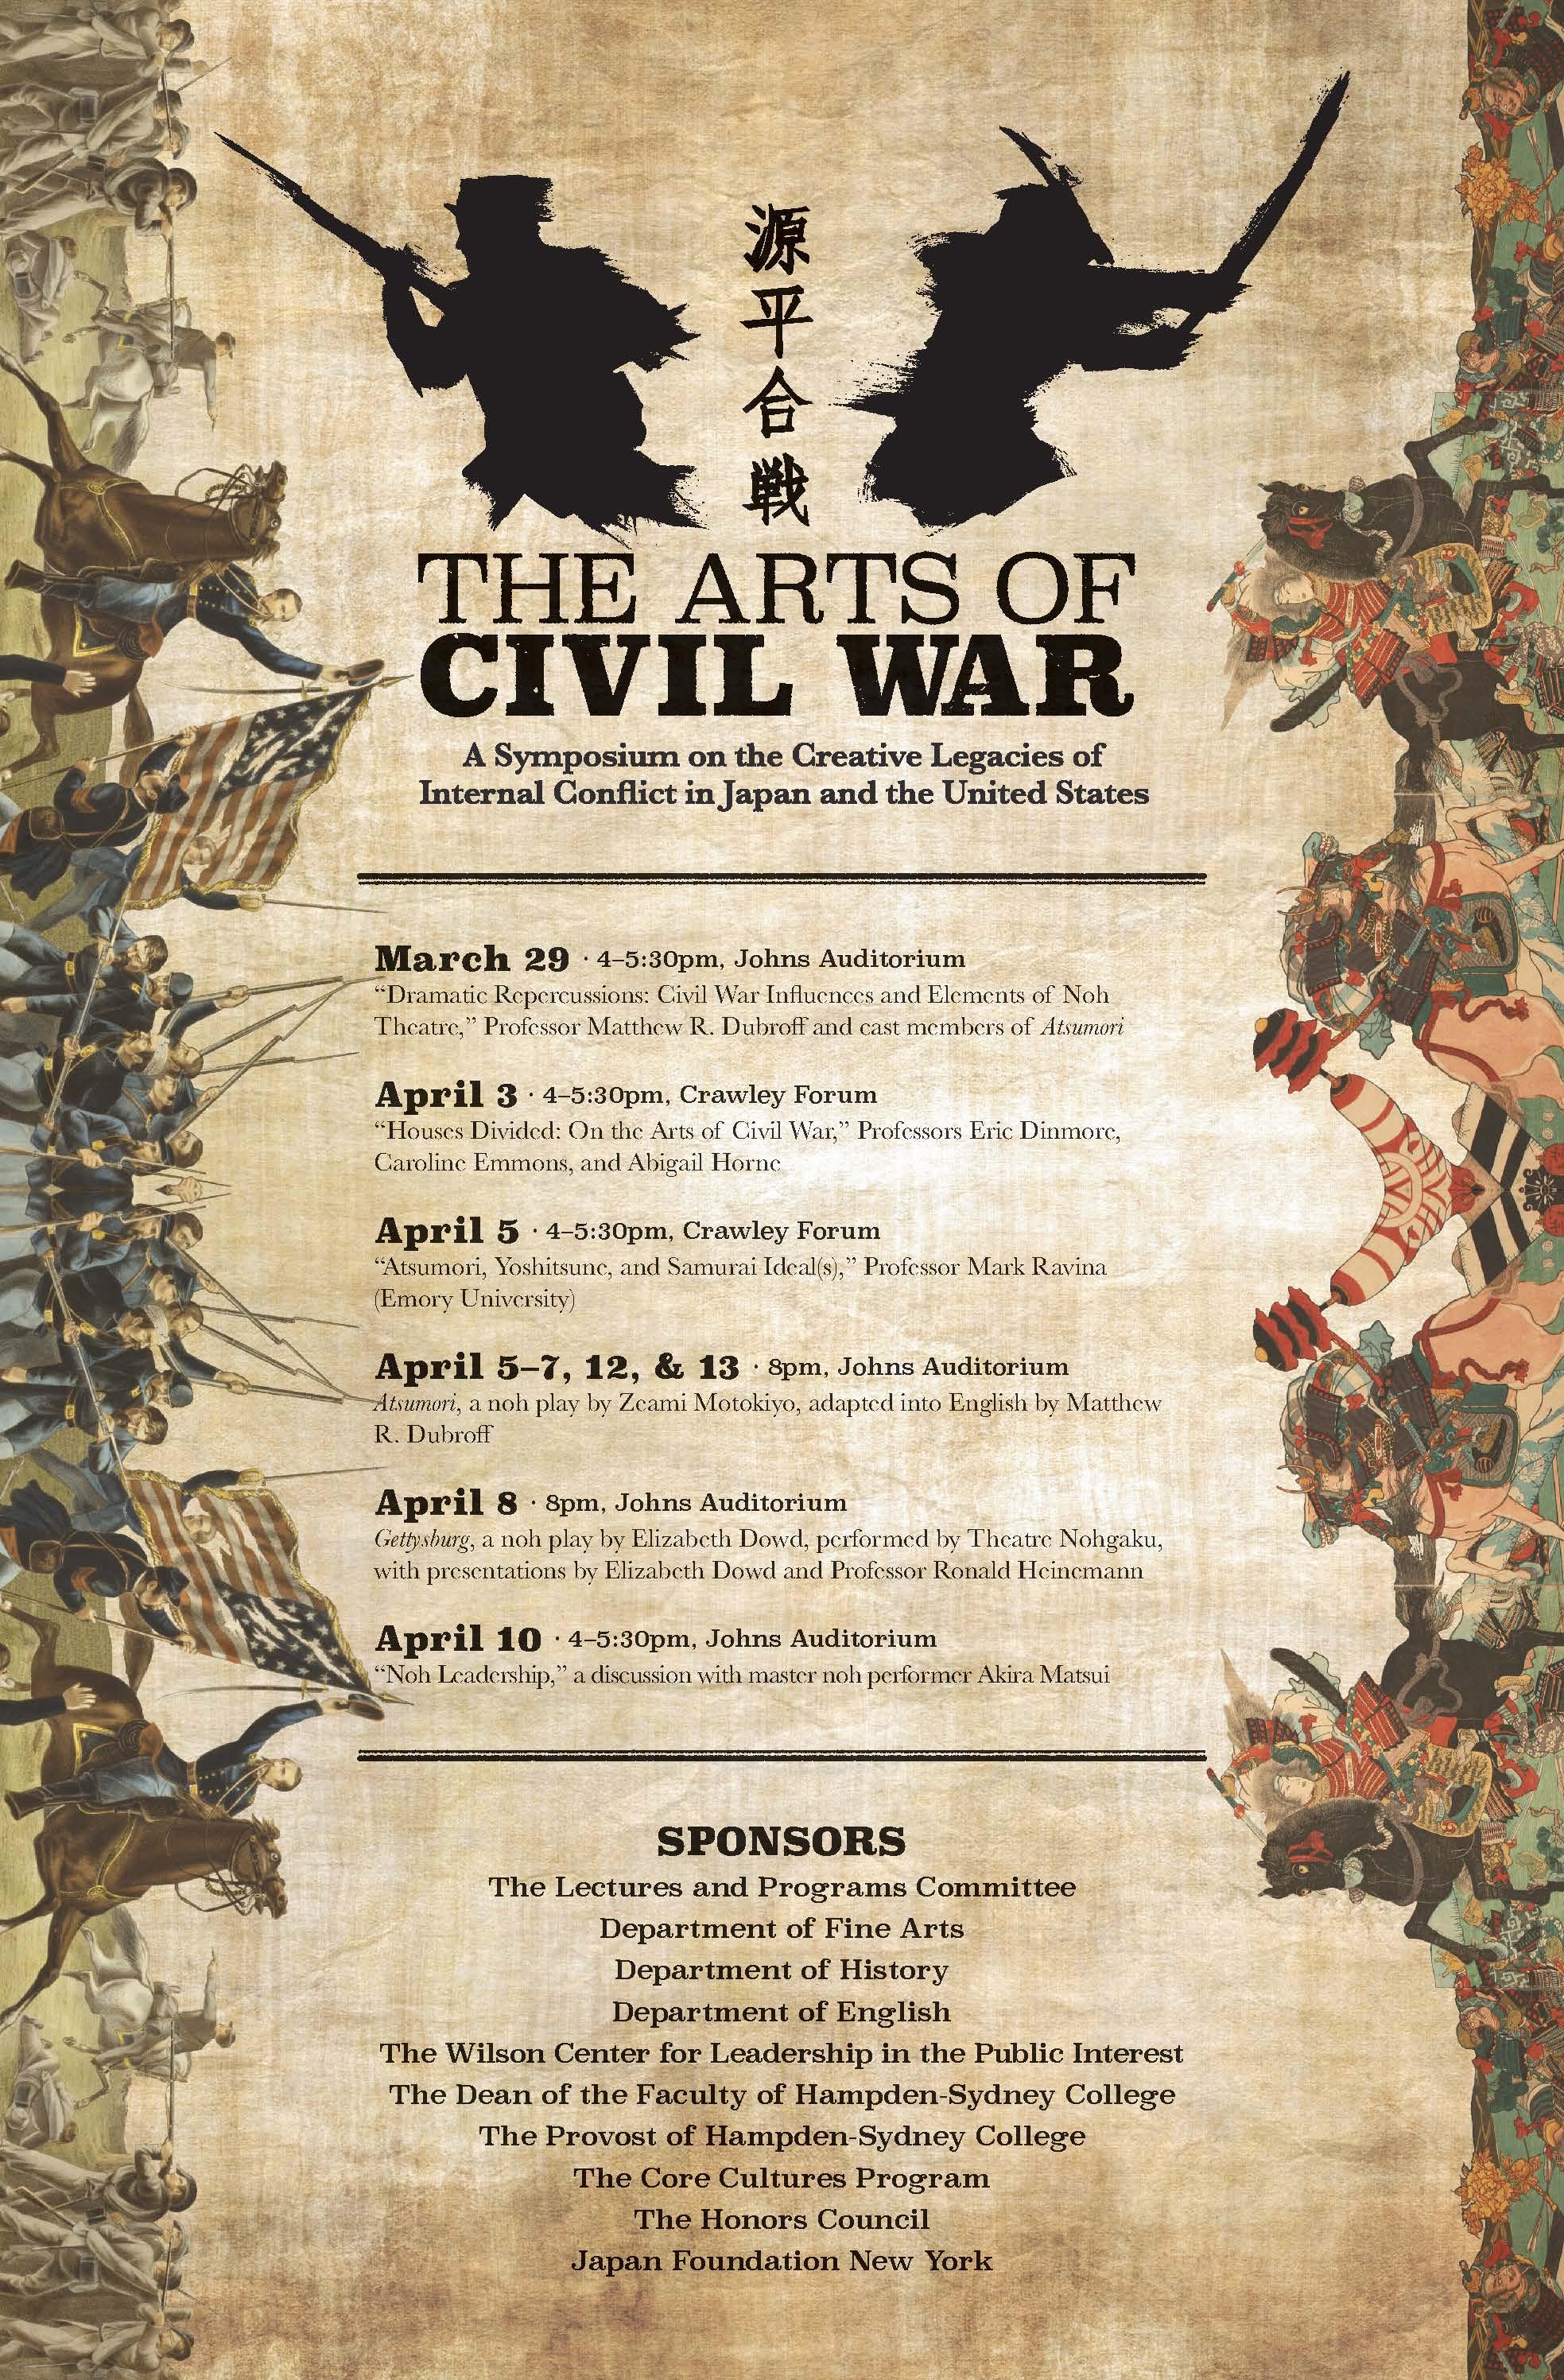 The Arts of Civil War Symposium